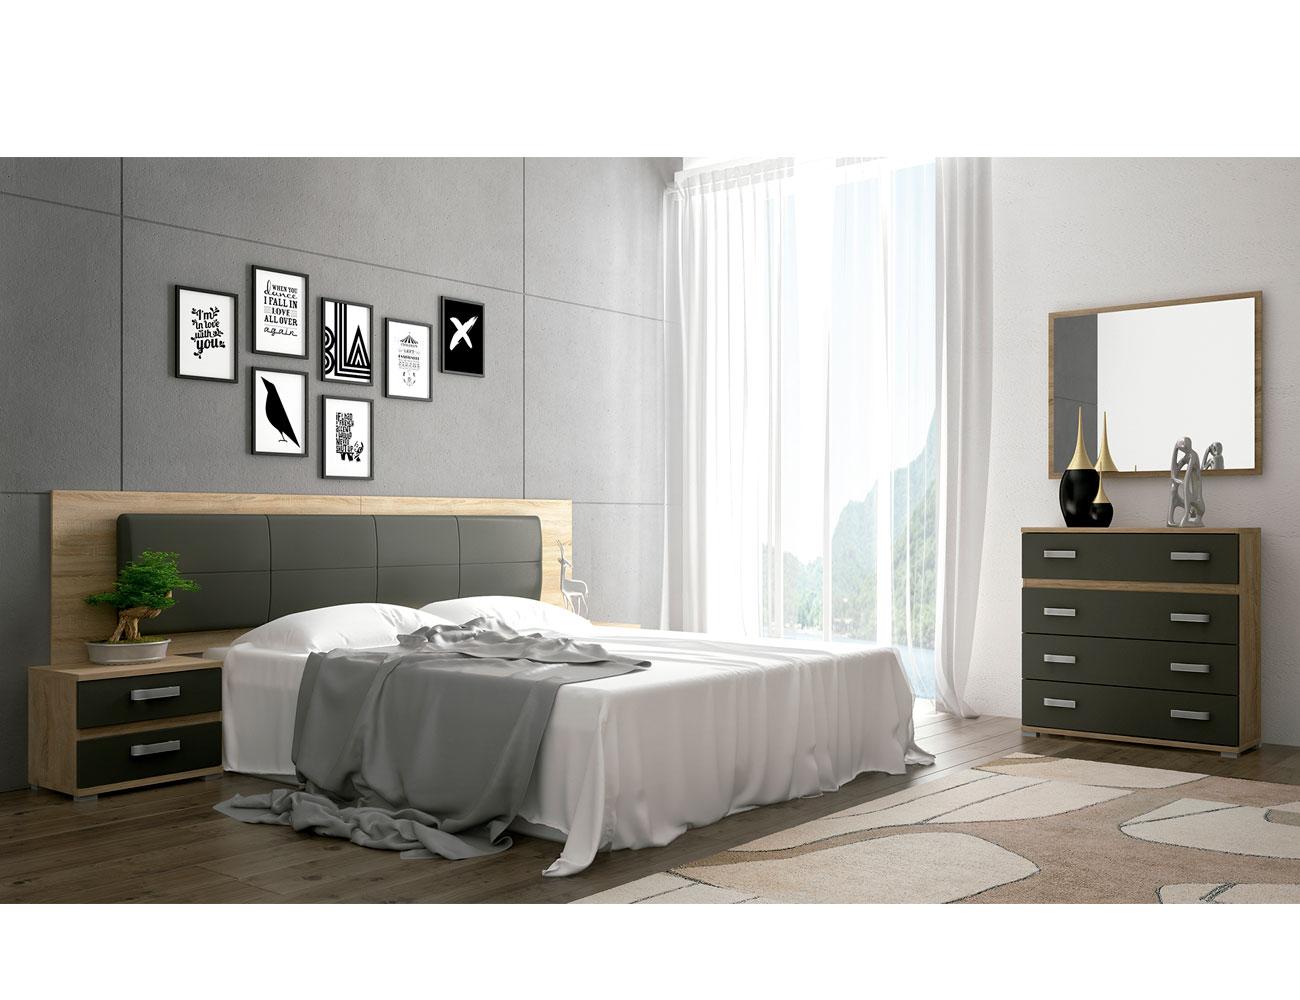 Dormitorio matrimonio cambrian grafito tapizado priego 3